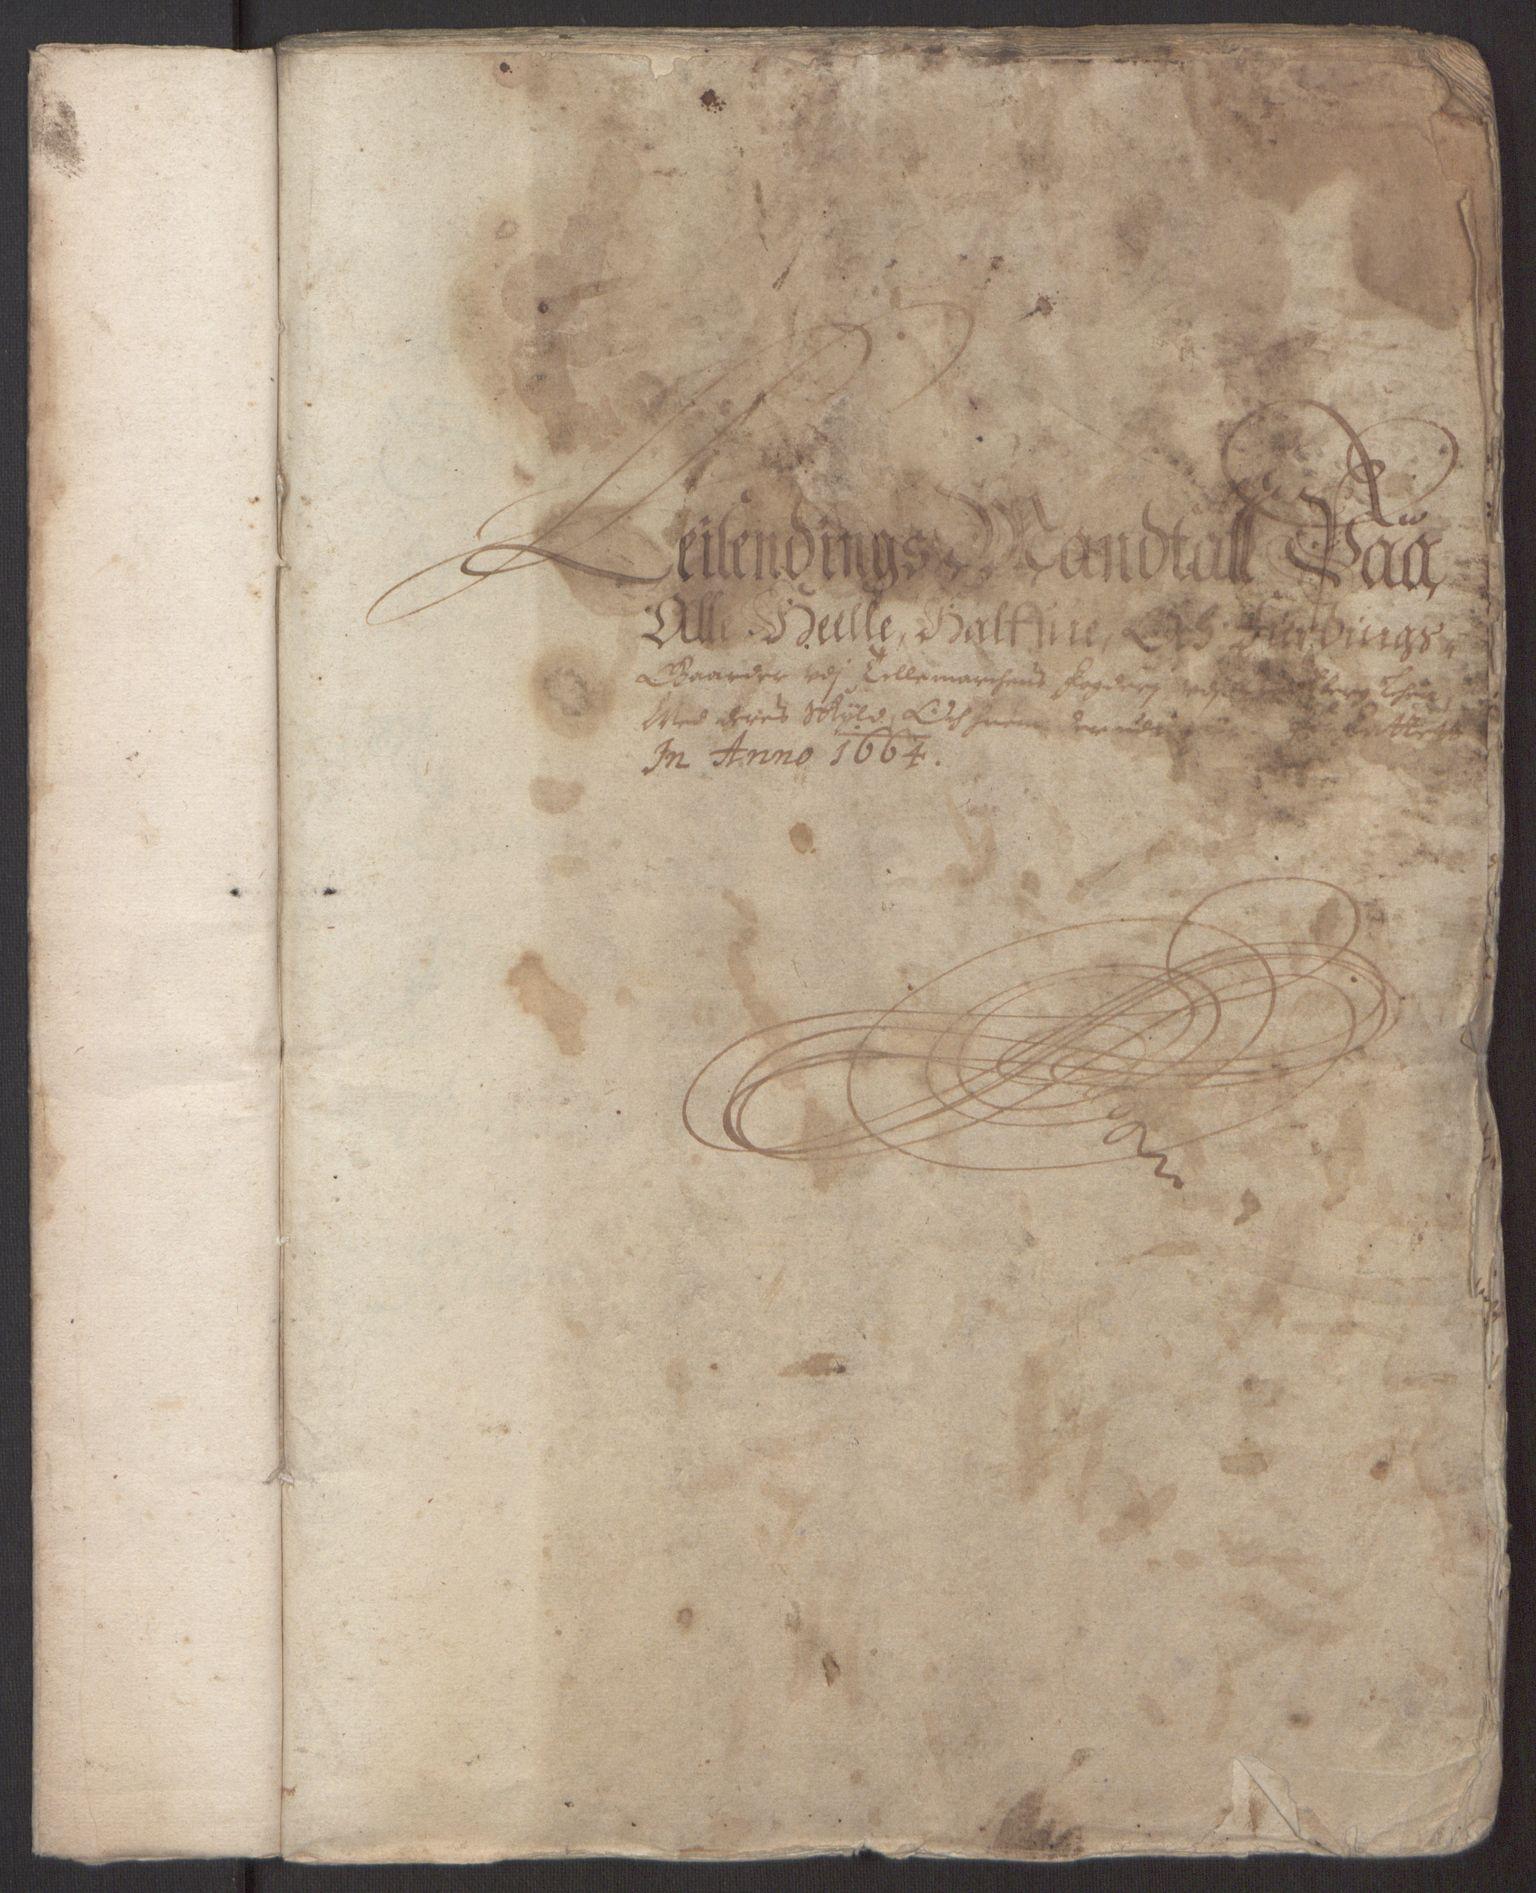 RA, Rentekammeret inntil 1814, Reviderte regnskaper, Fogderegnskap, R35/L2055: Fogderegnskap Øvre og Nedre Telemark, 1664, s. 212